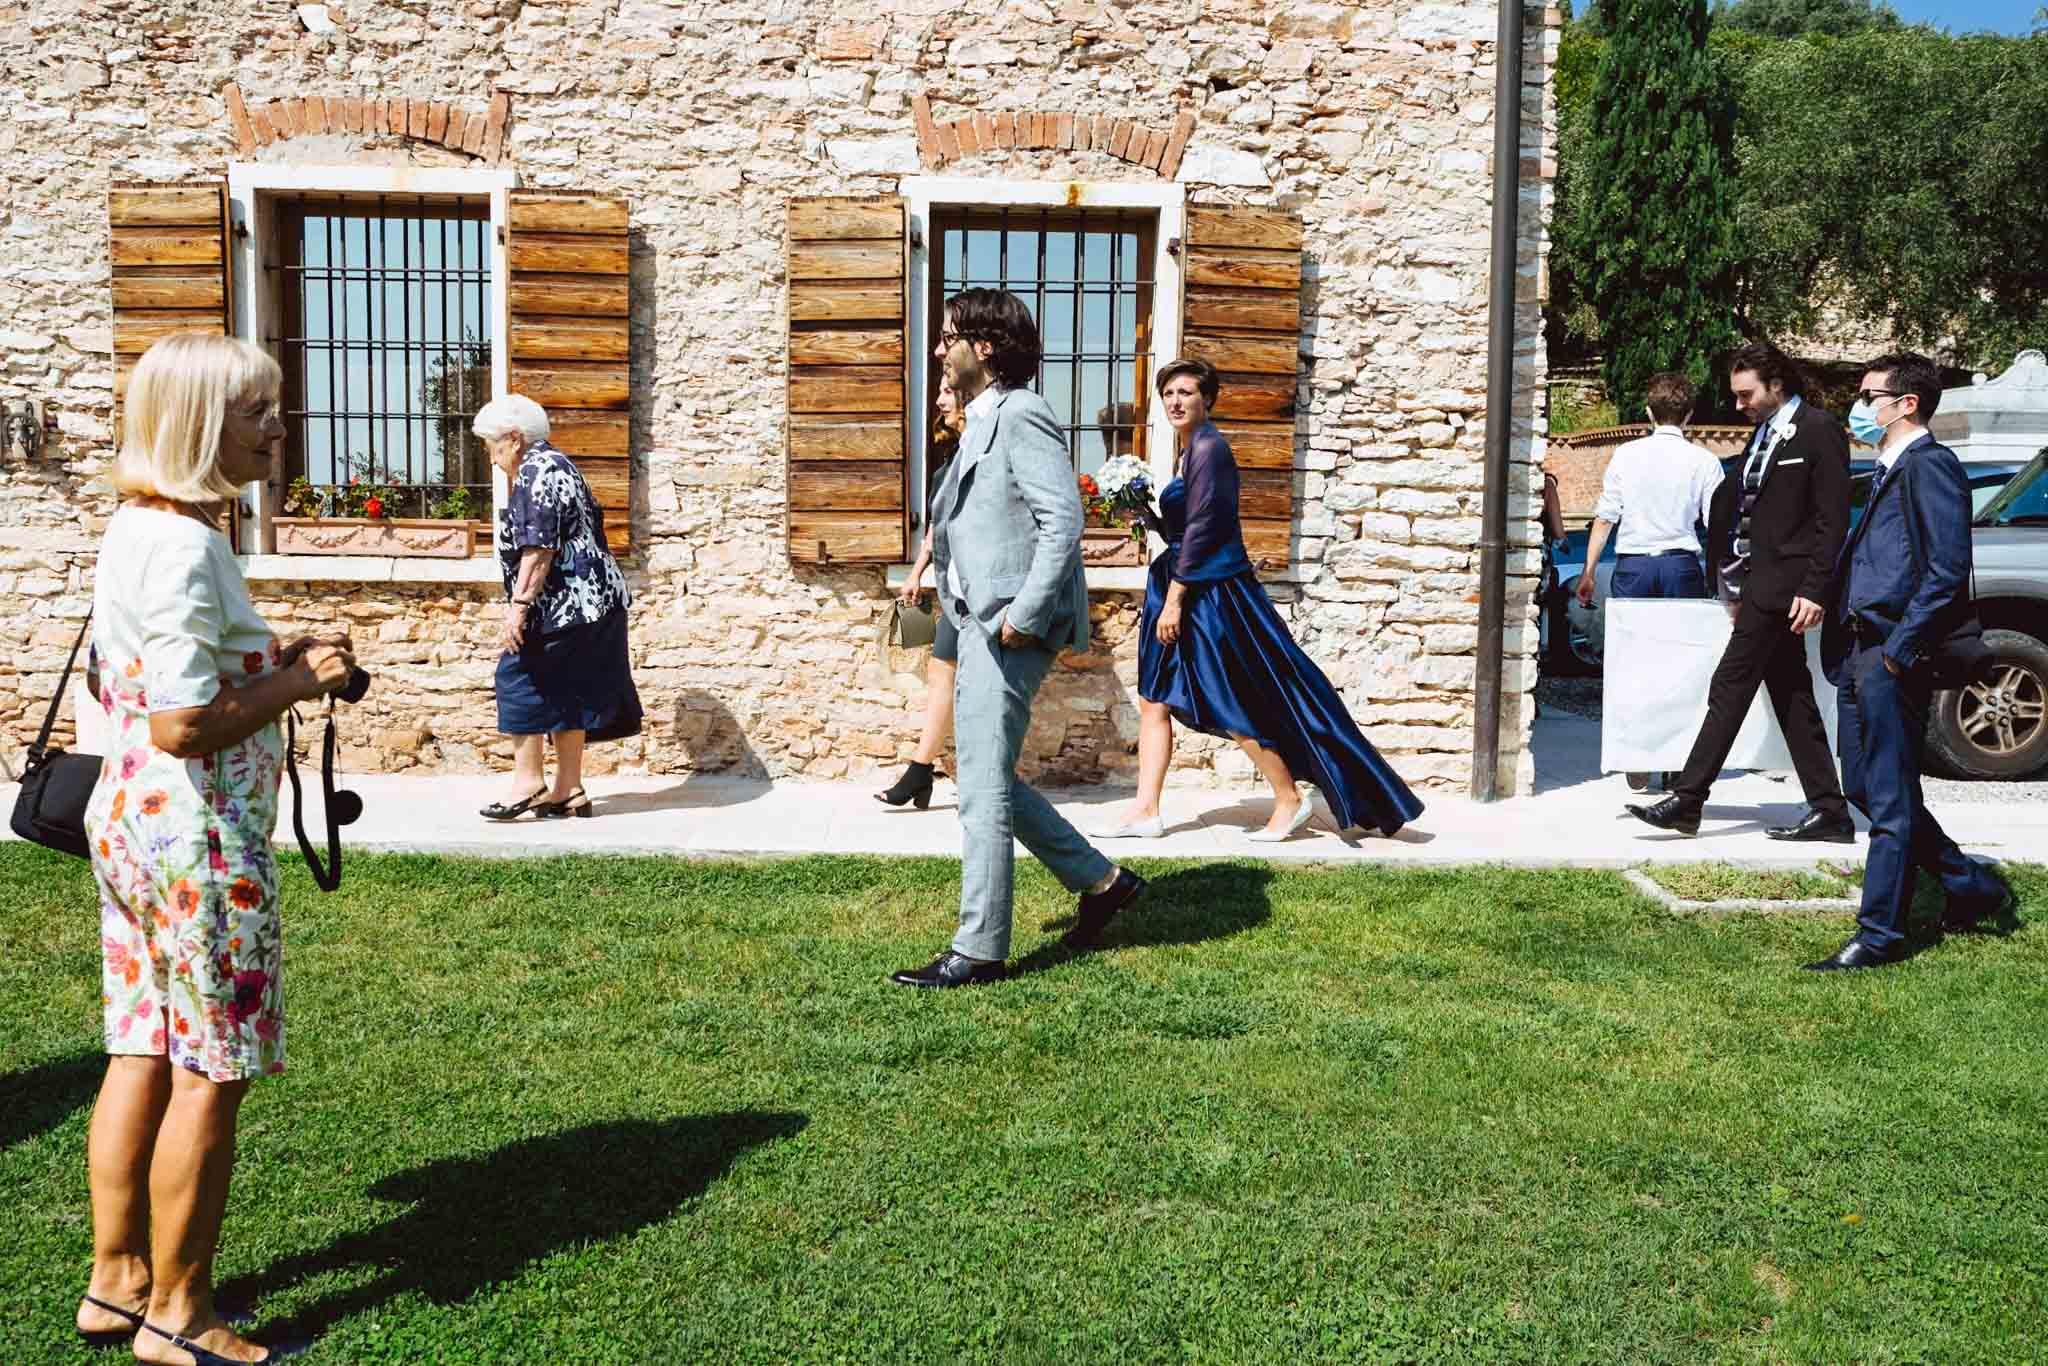 matrimonio valpolicella verona Costa degli ulivi 0025